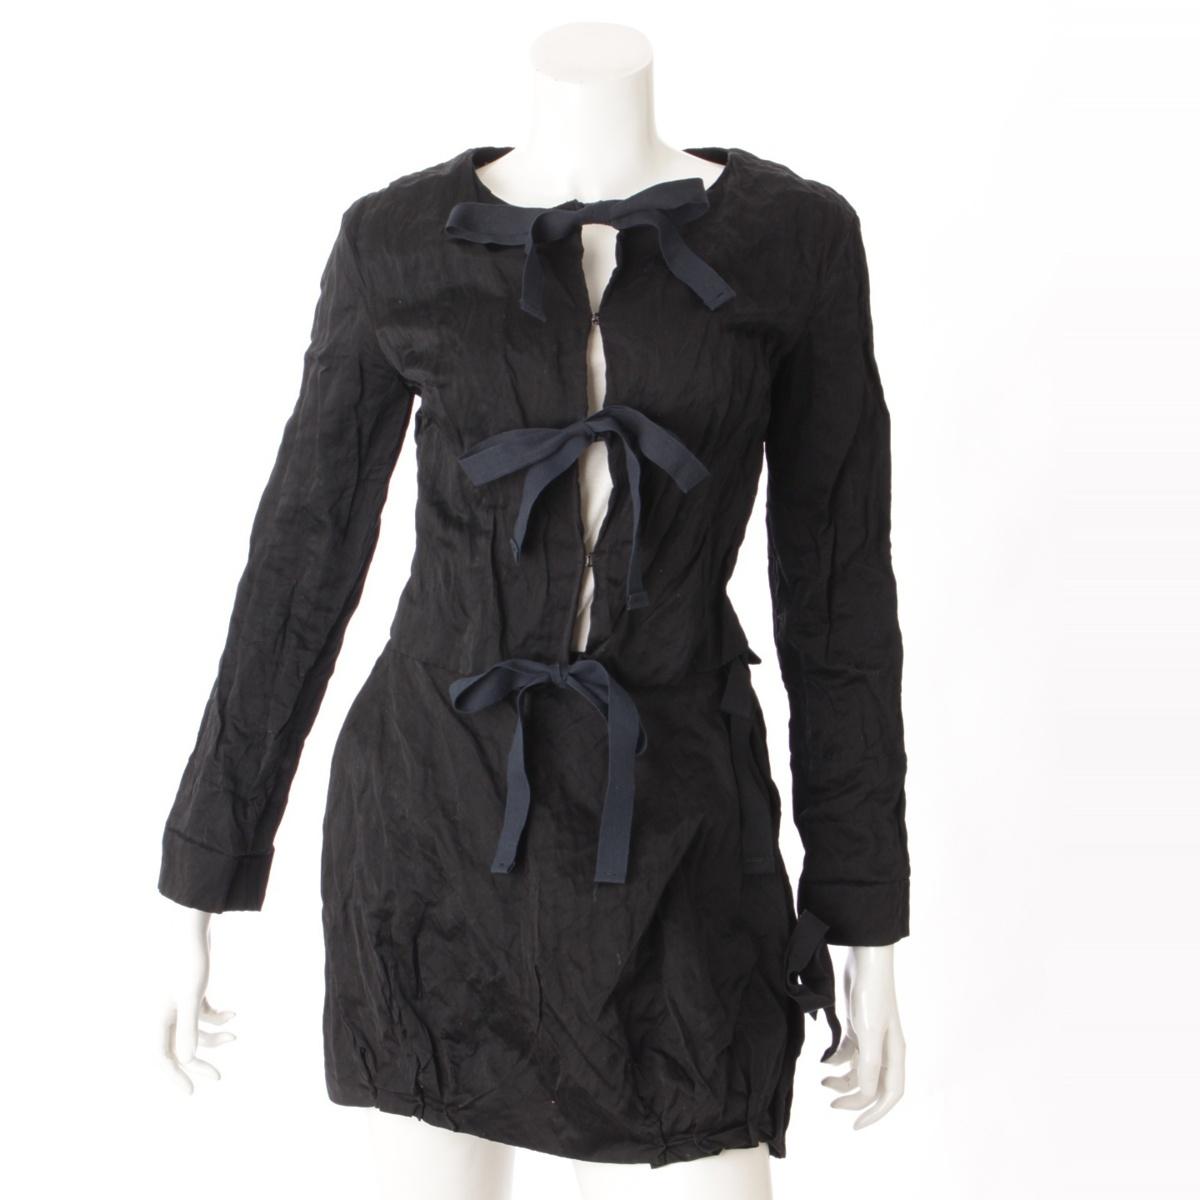 【プラダ】Prada ジャケット スカート セットアップ ブラック 36 【中古】【鑑定済・正規品保証】52688